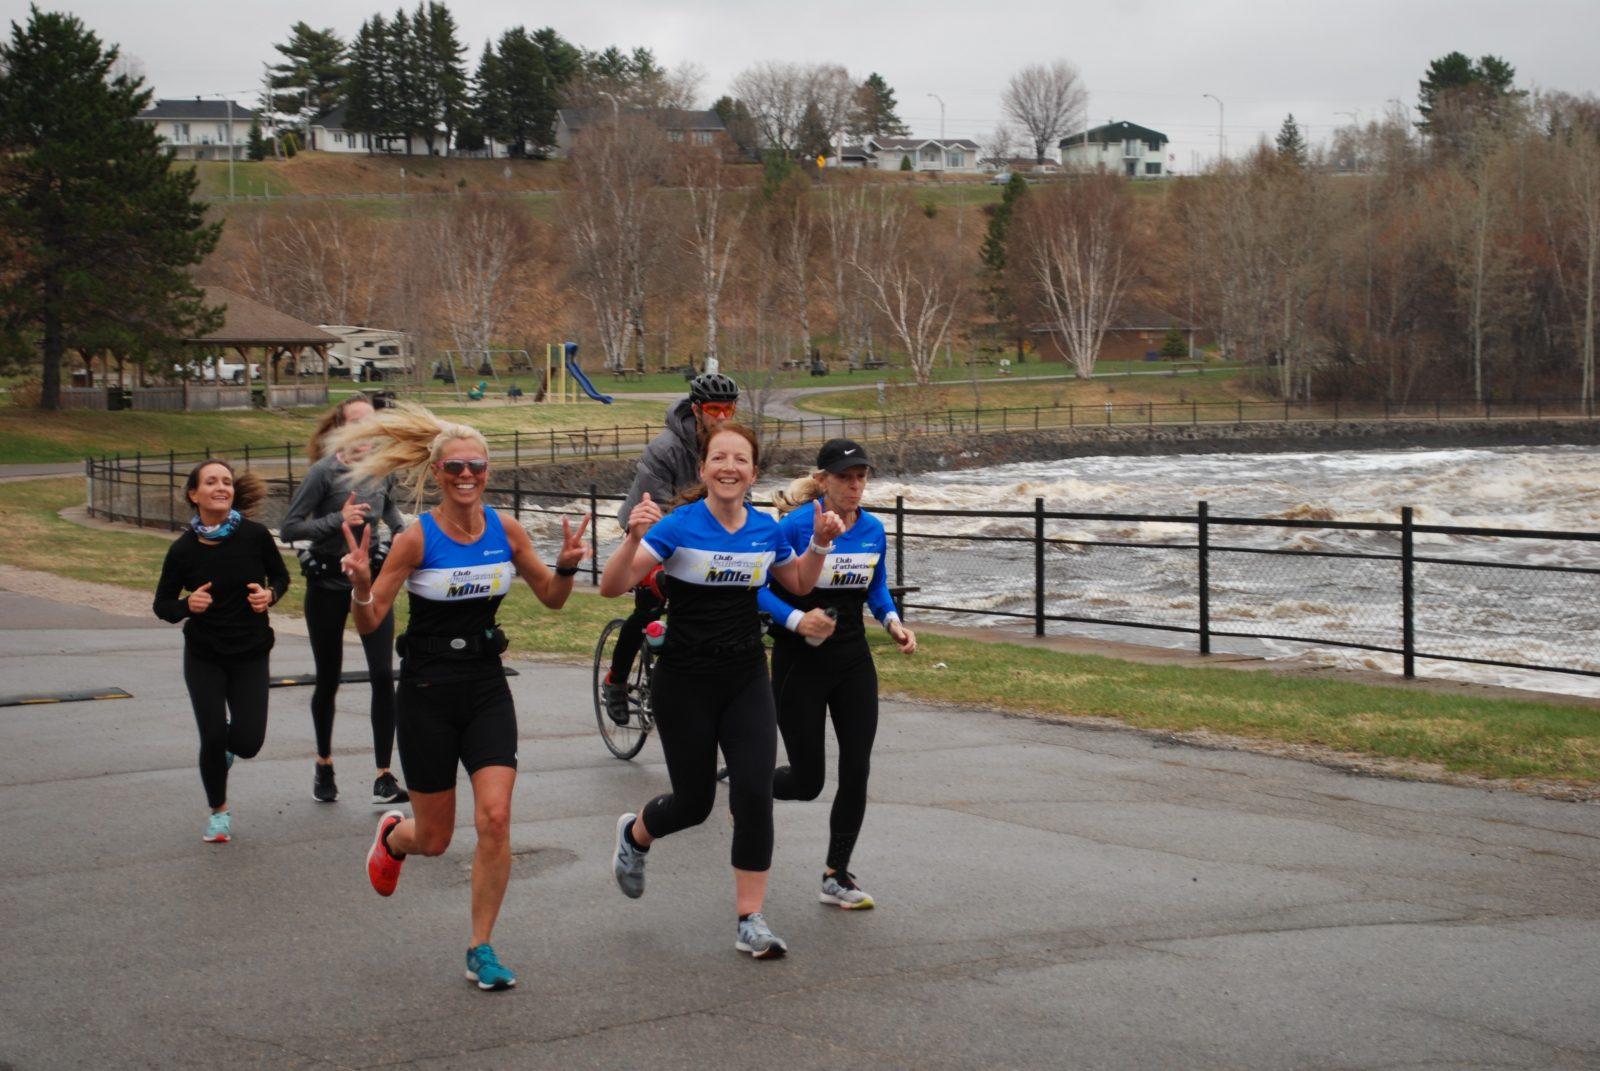 Un demi-marathon à Dolbeau-Mistassini en 2020?